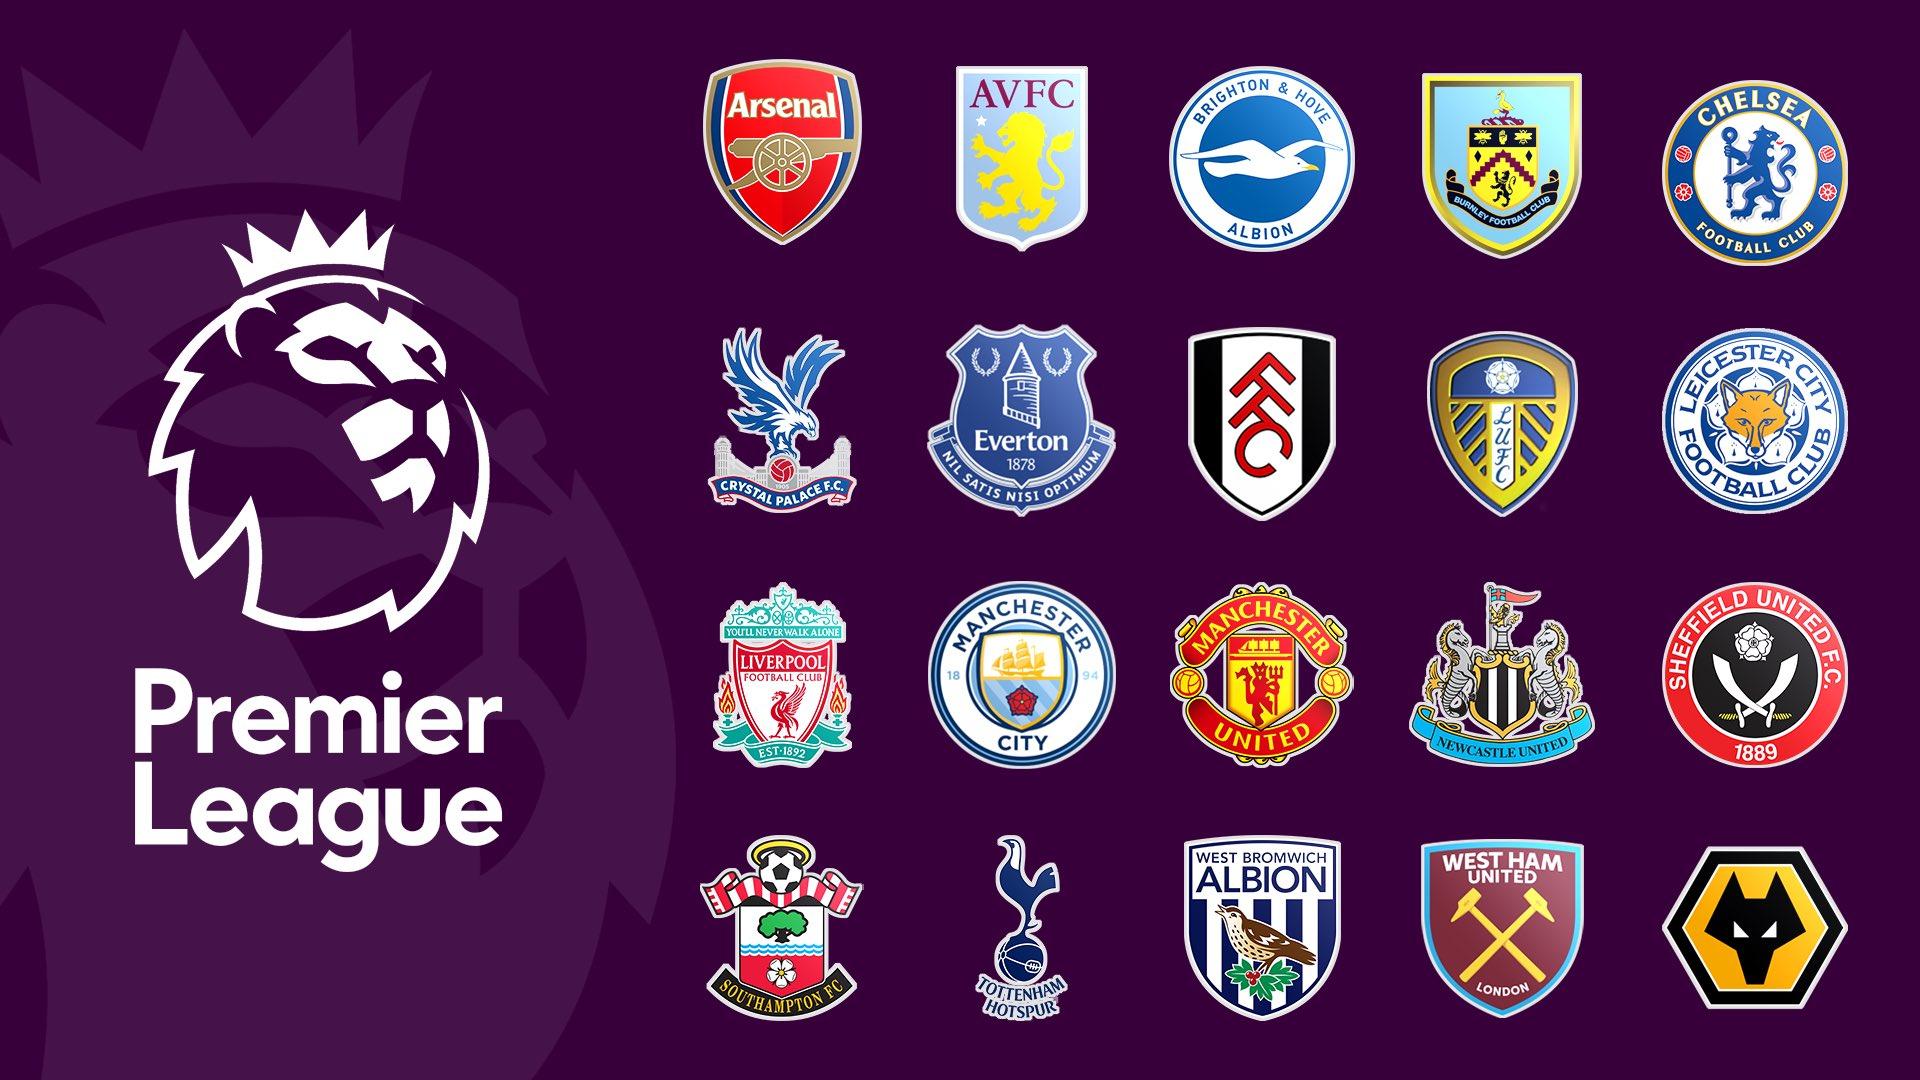 2020/21 Premier League fixtures released - Premier League Central